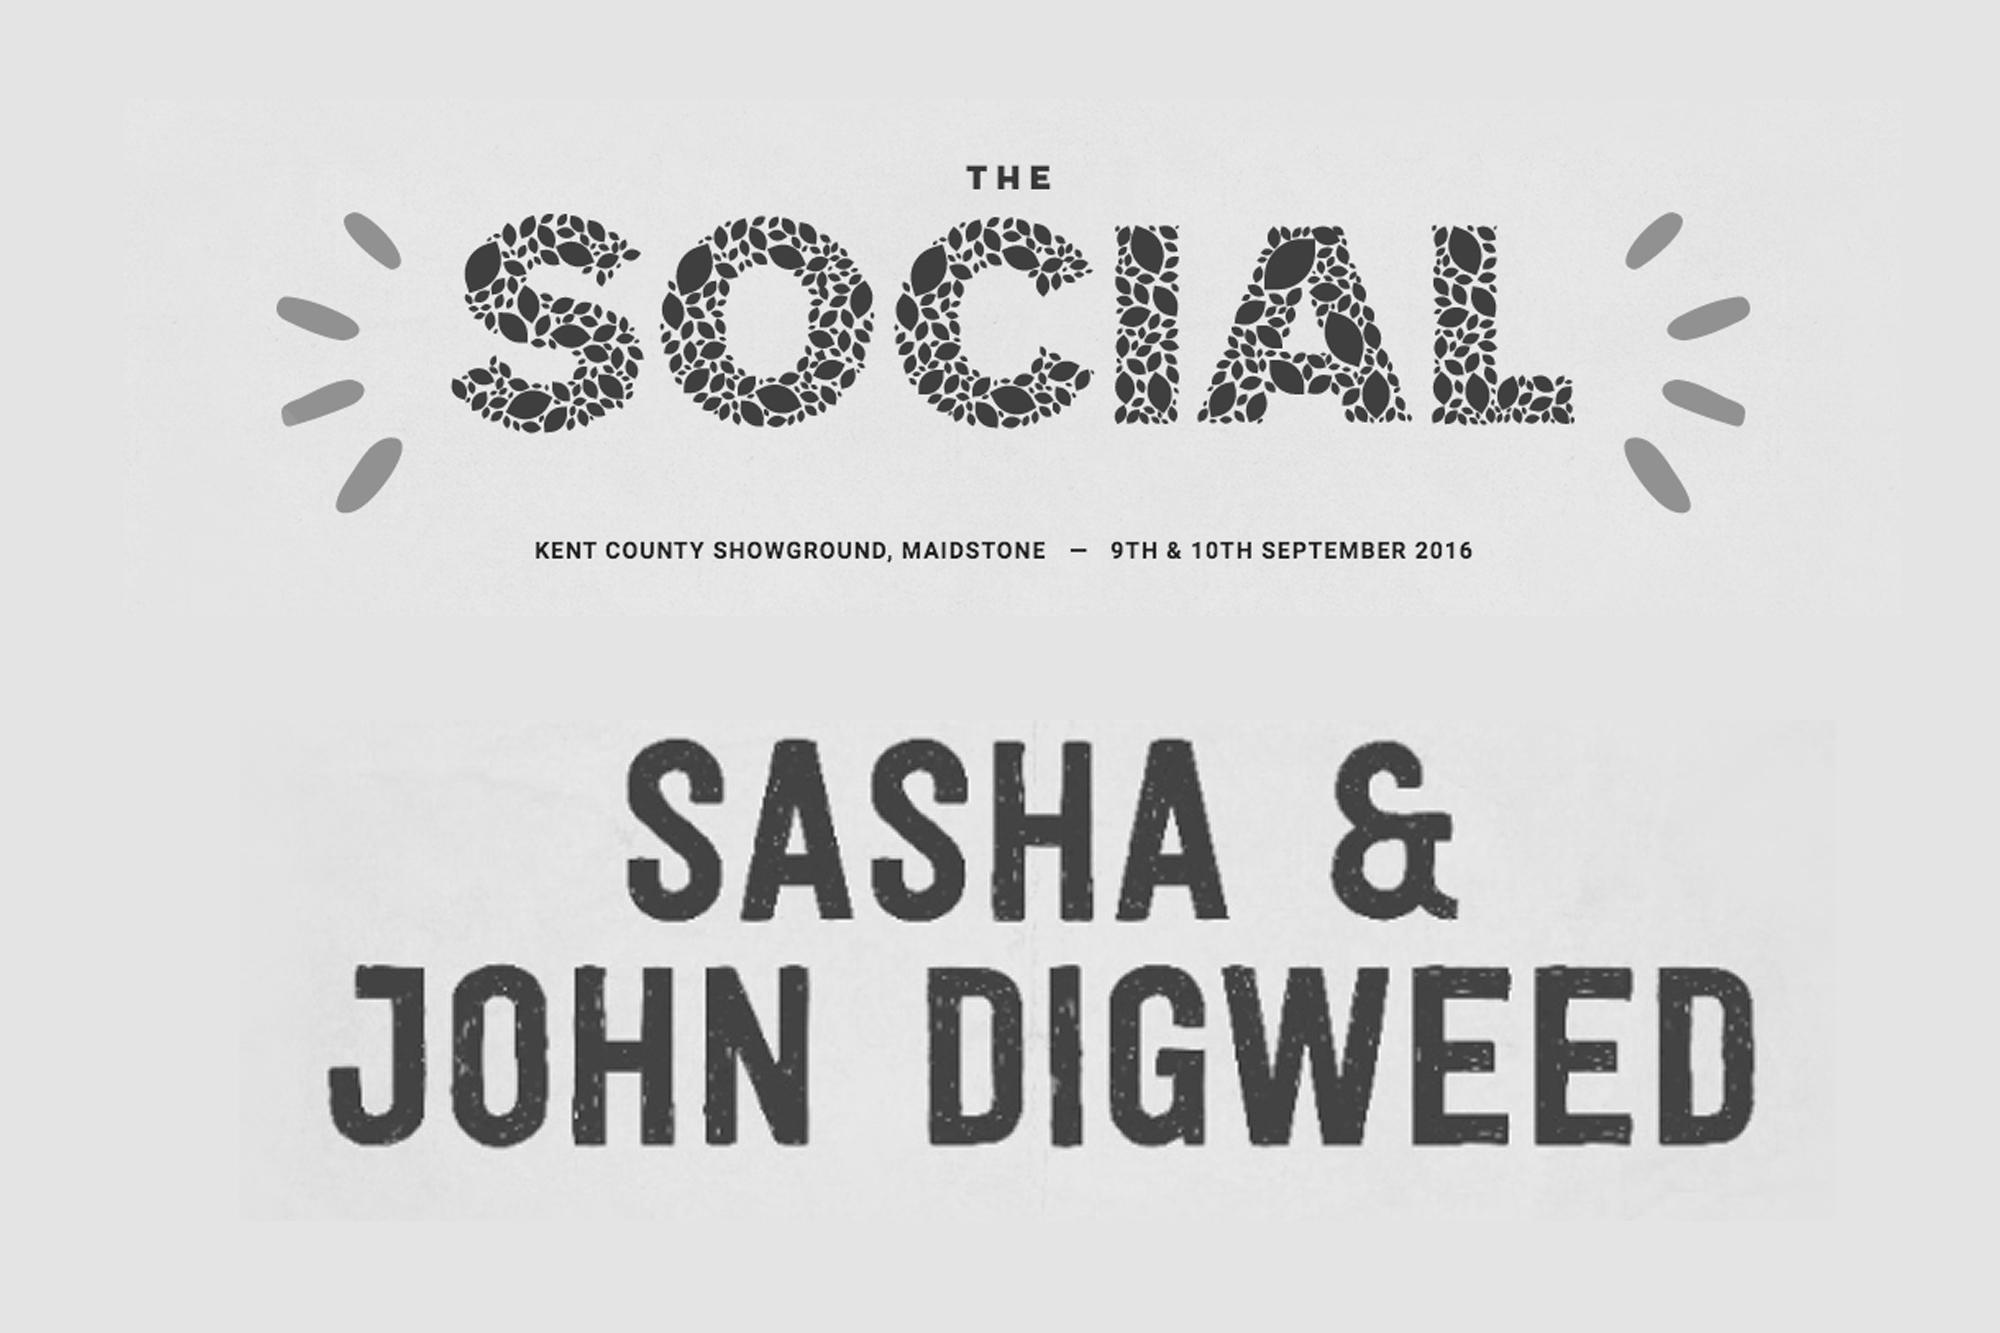 Sasha & Digweed Reunite At The Social Festival